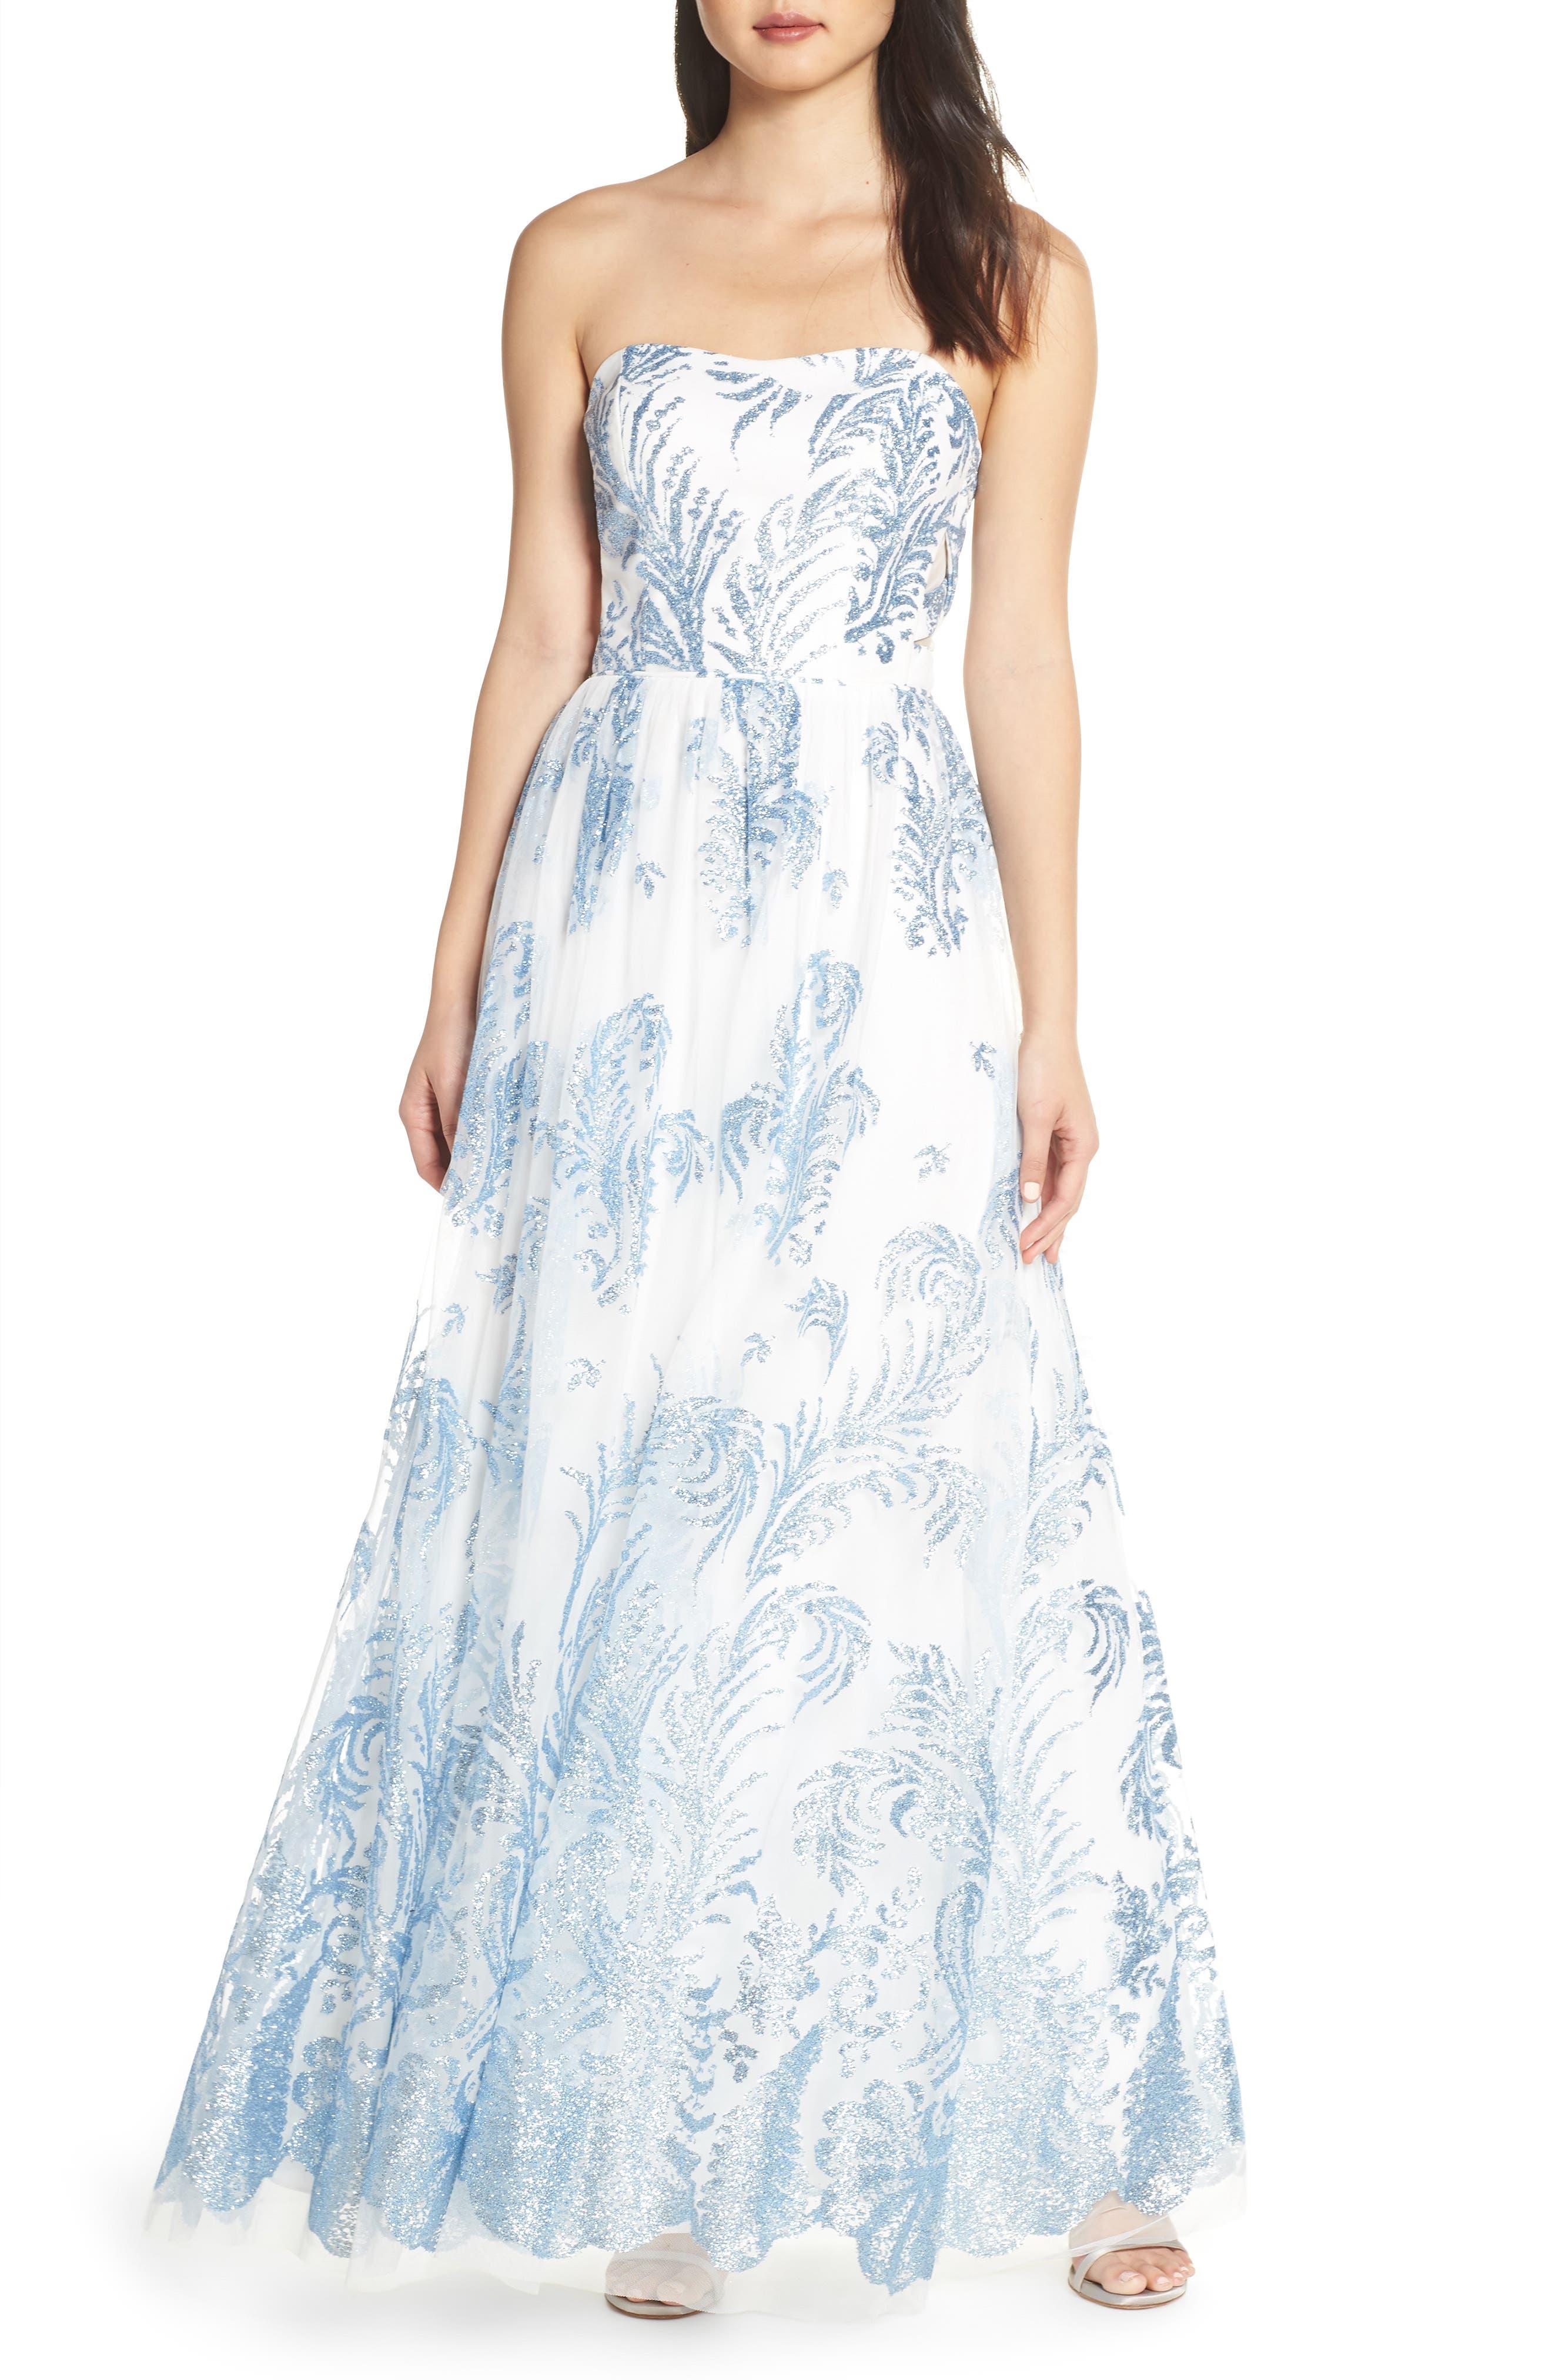 Blondie Nites Strapless Glitter Mesh Evening Dress, Blue